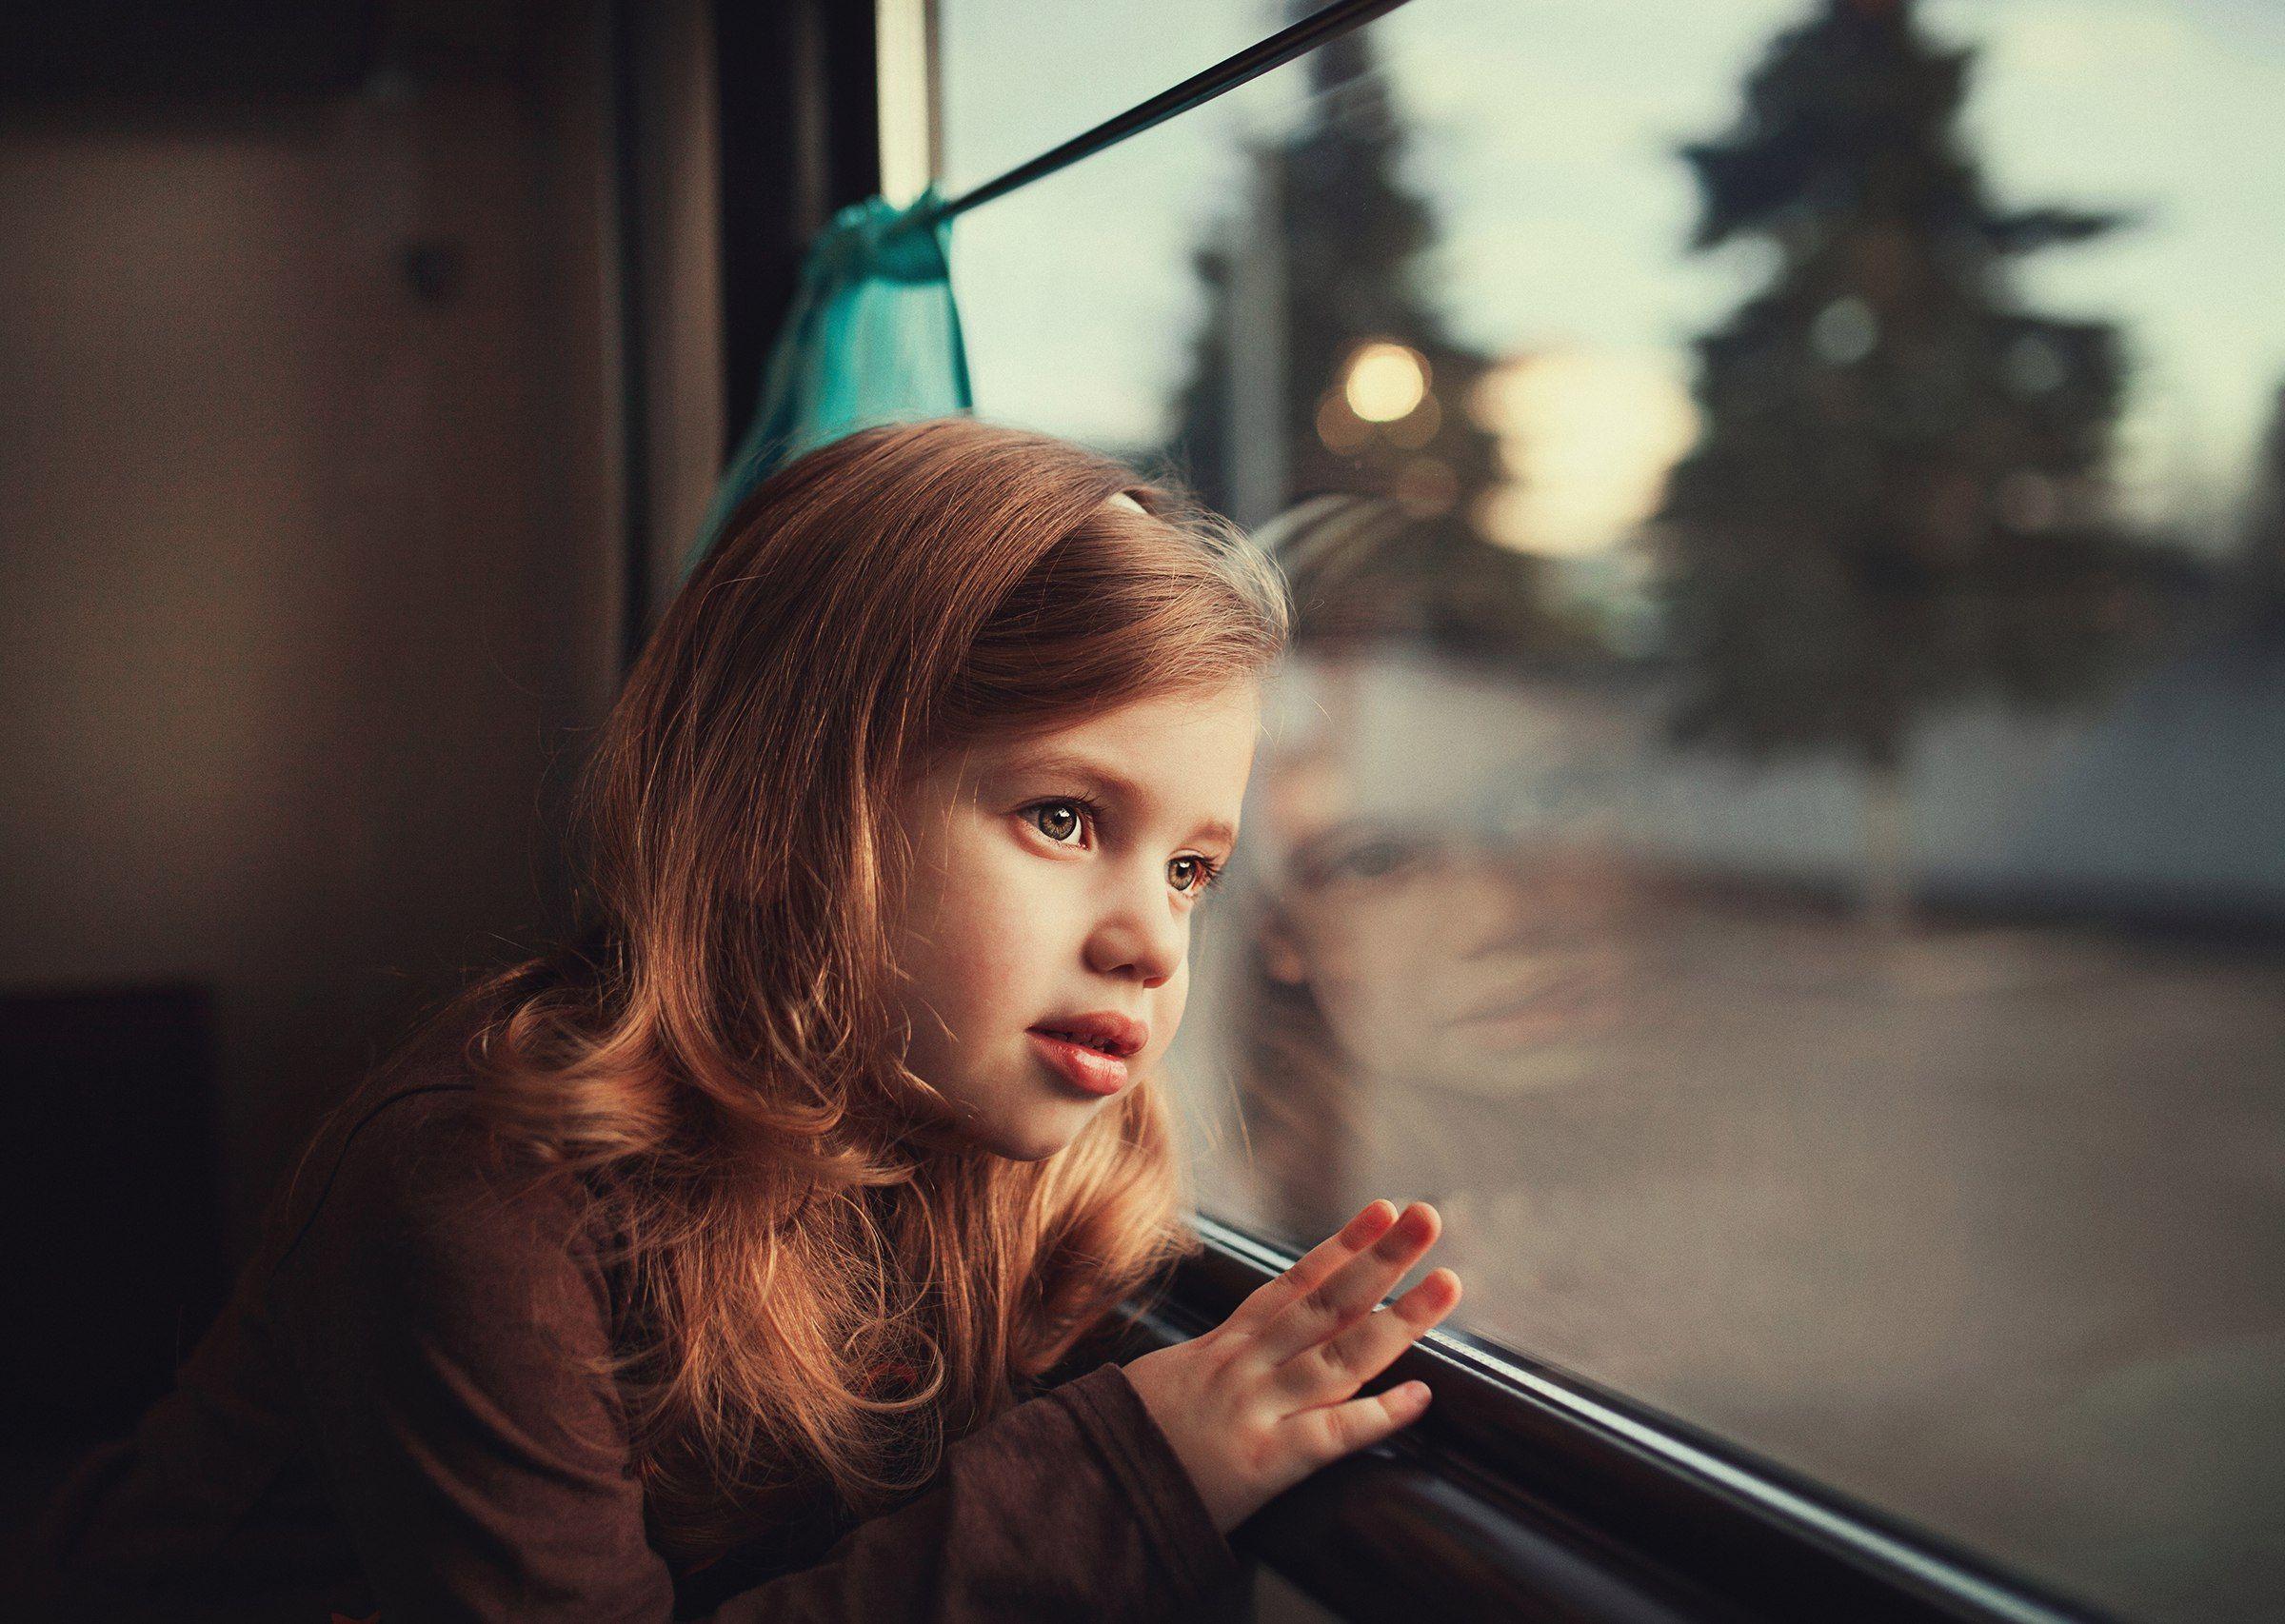 поезд, дорога, путешествие, портрет, valerie